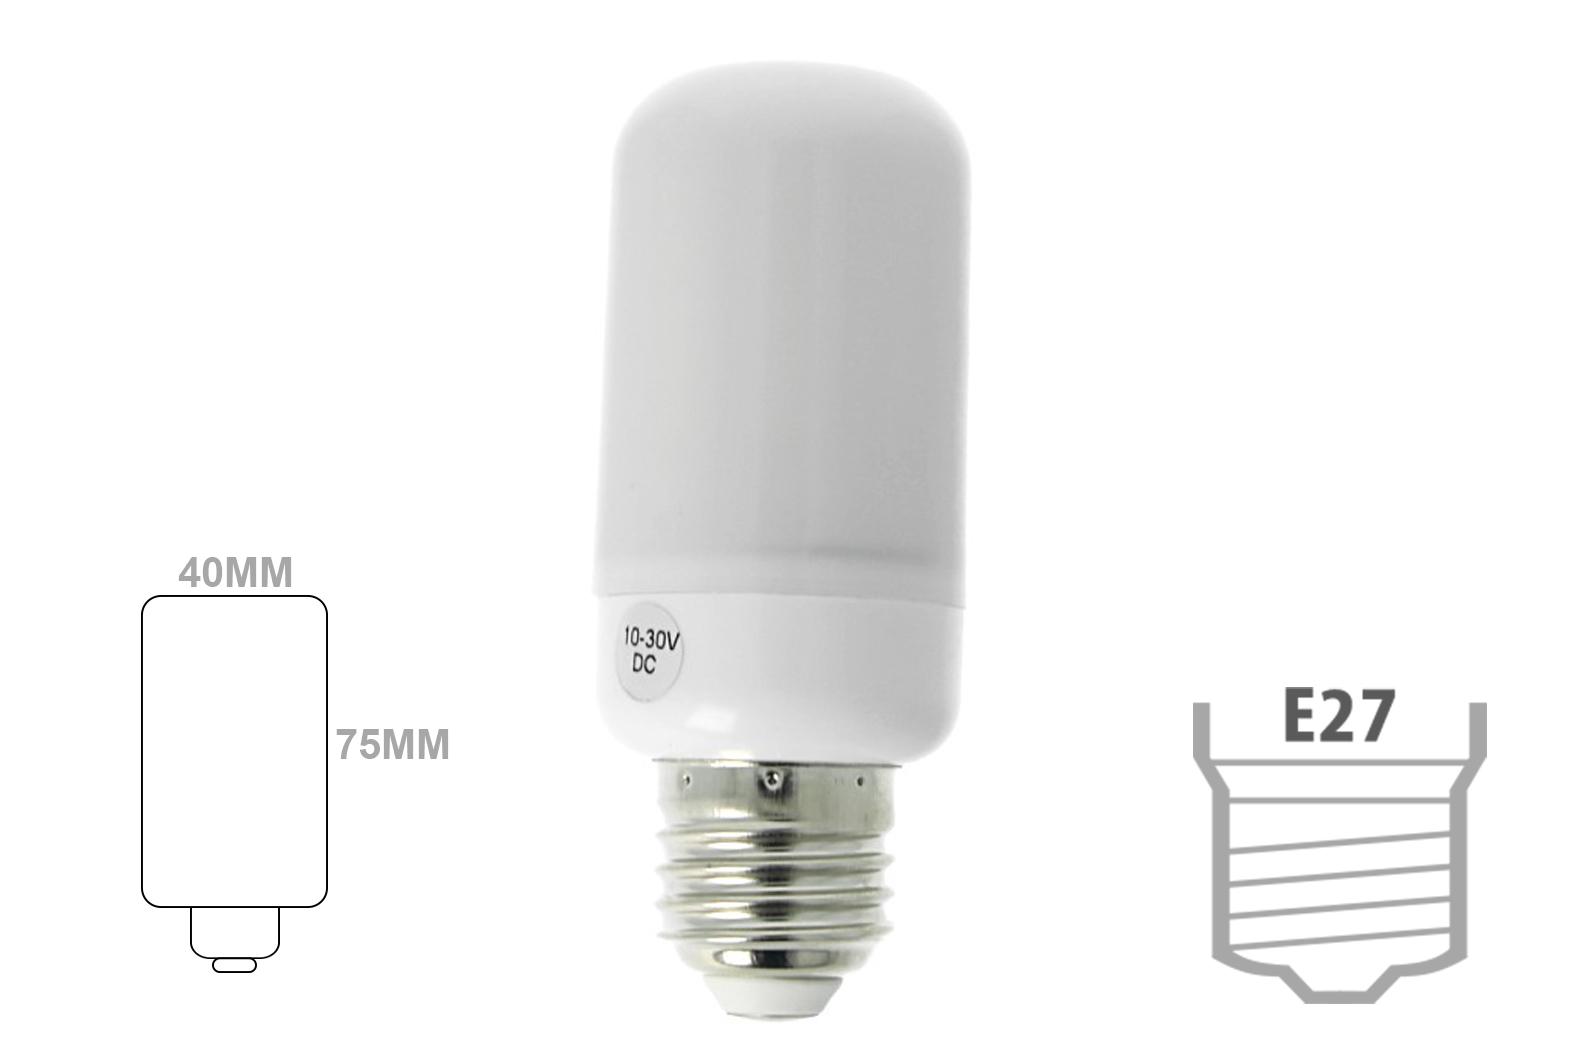 Lampada Led E27 DC 24V AC/DC 12V 8W Bianco Caldo Forma Mais Pannocchia - PZ